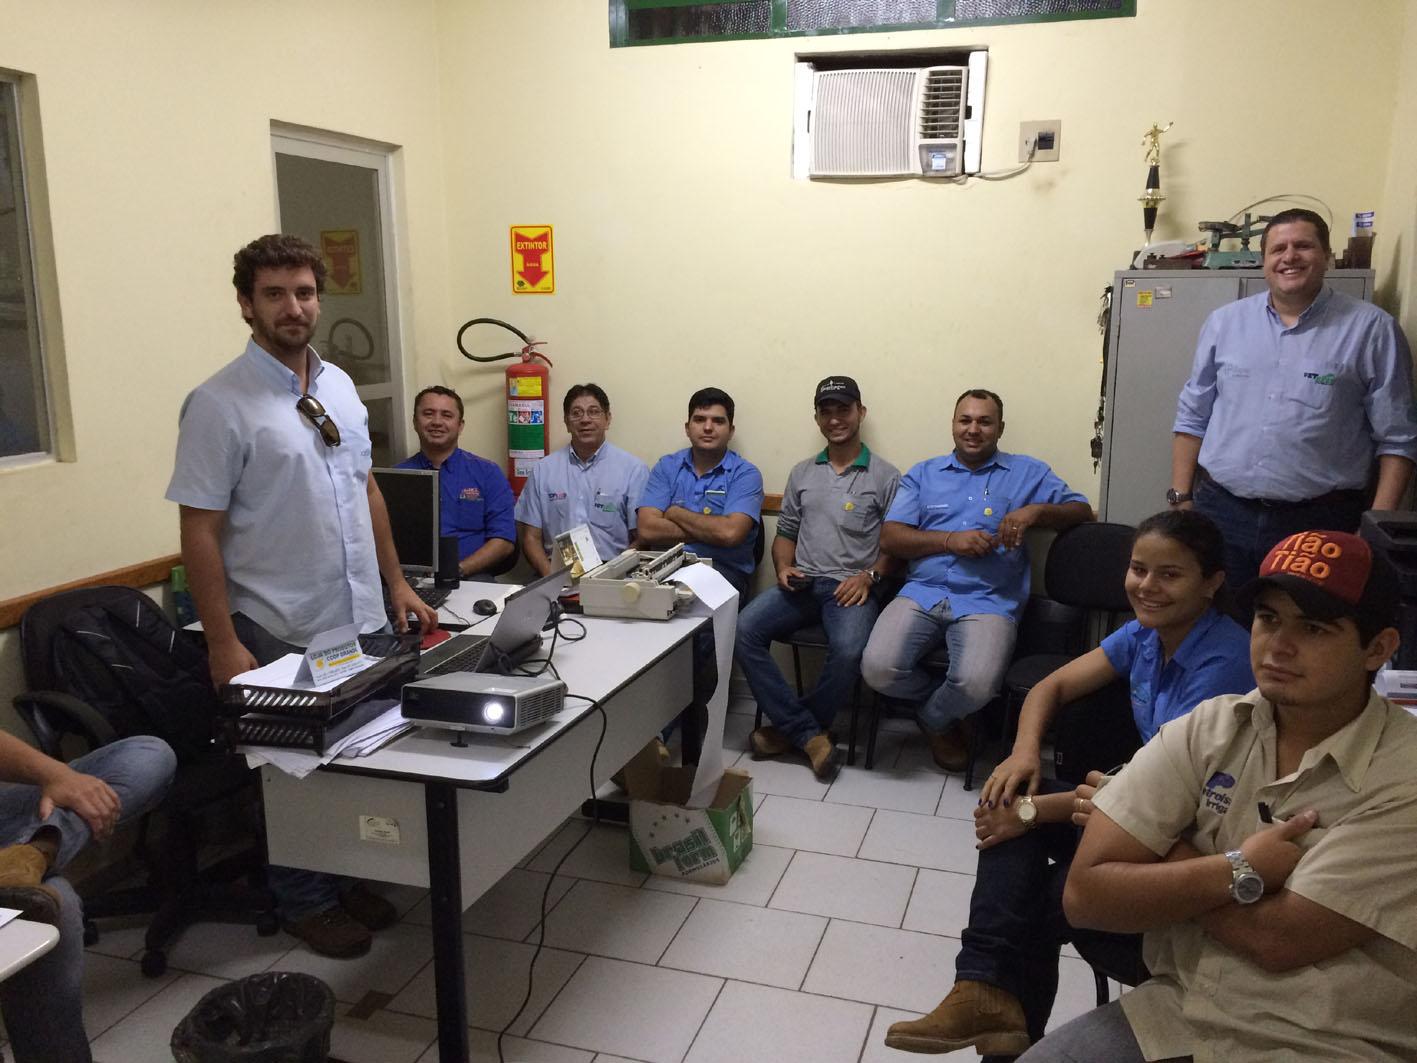 Tomates híbridos da Topseed Premium são tema de treinamento em Campo Grande (MS)